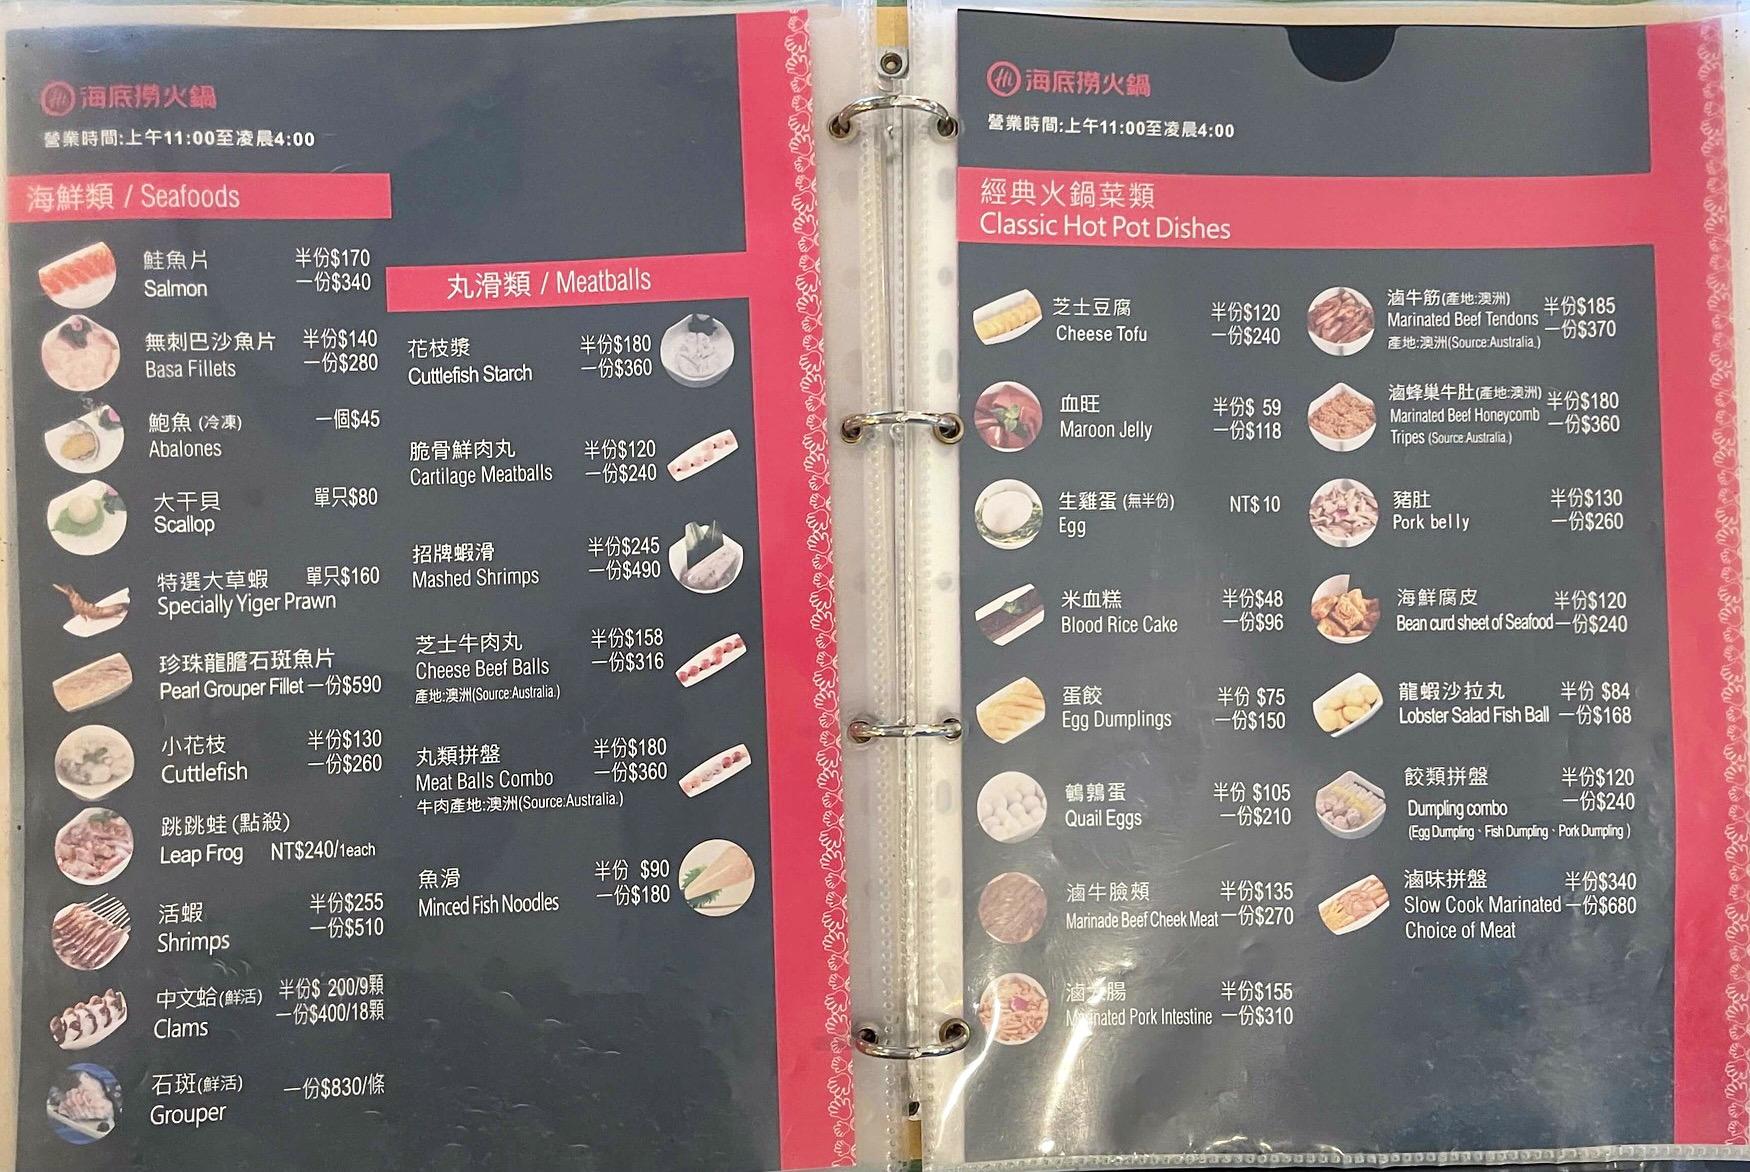 海底撈火鍋菜單-海鮮類 丸滑類 經典火鍋菜類